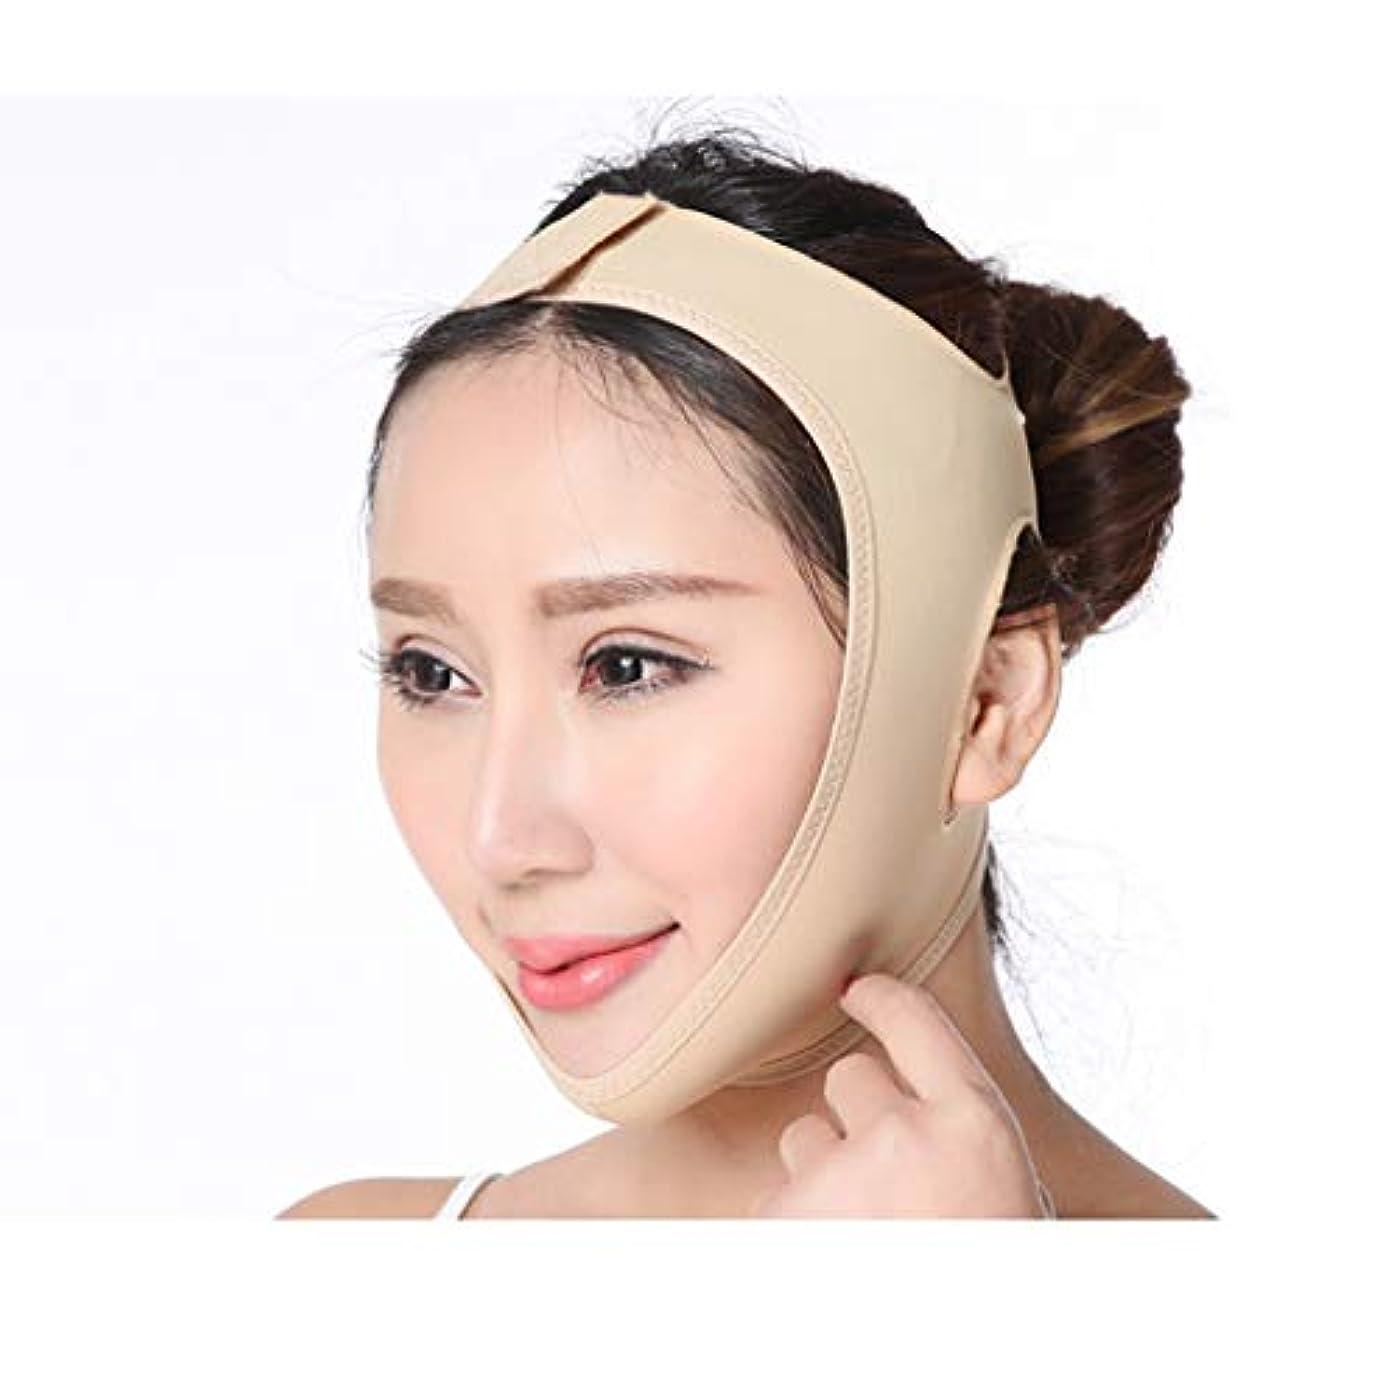 無限きしむ立ち寄る顔リフティング包帯 V 顔楽器顔マスク顔リフティング引き締め